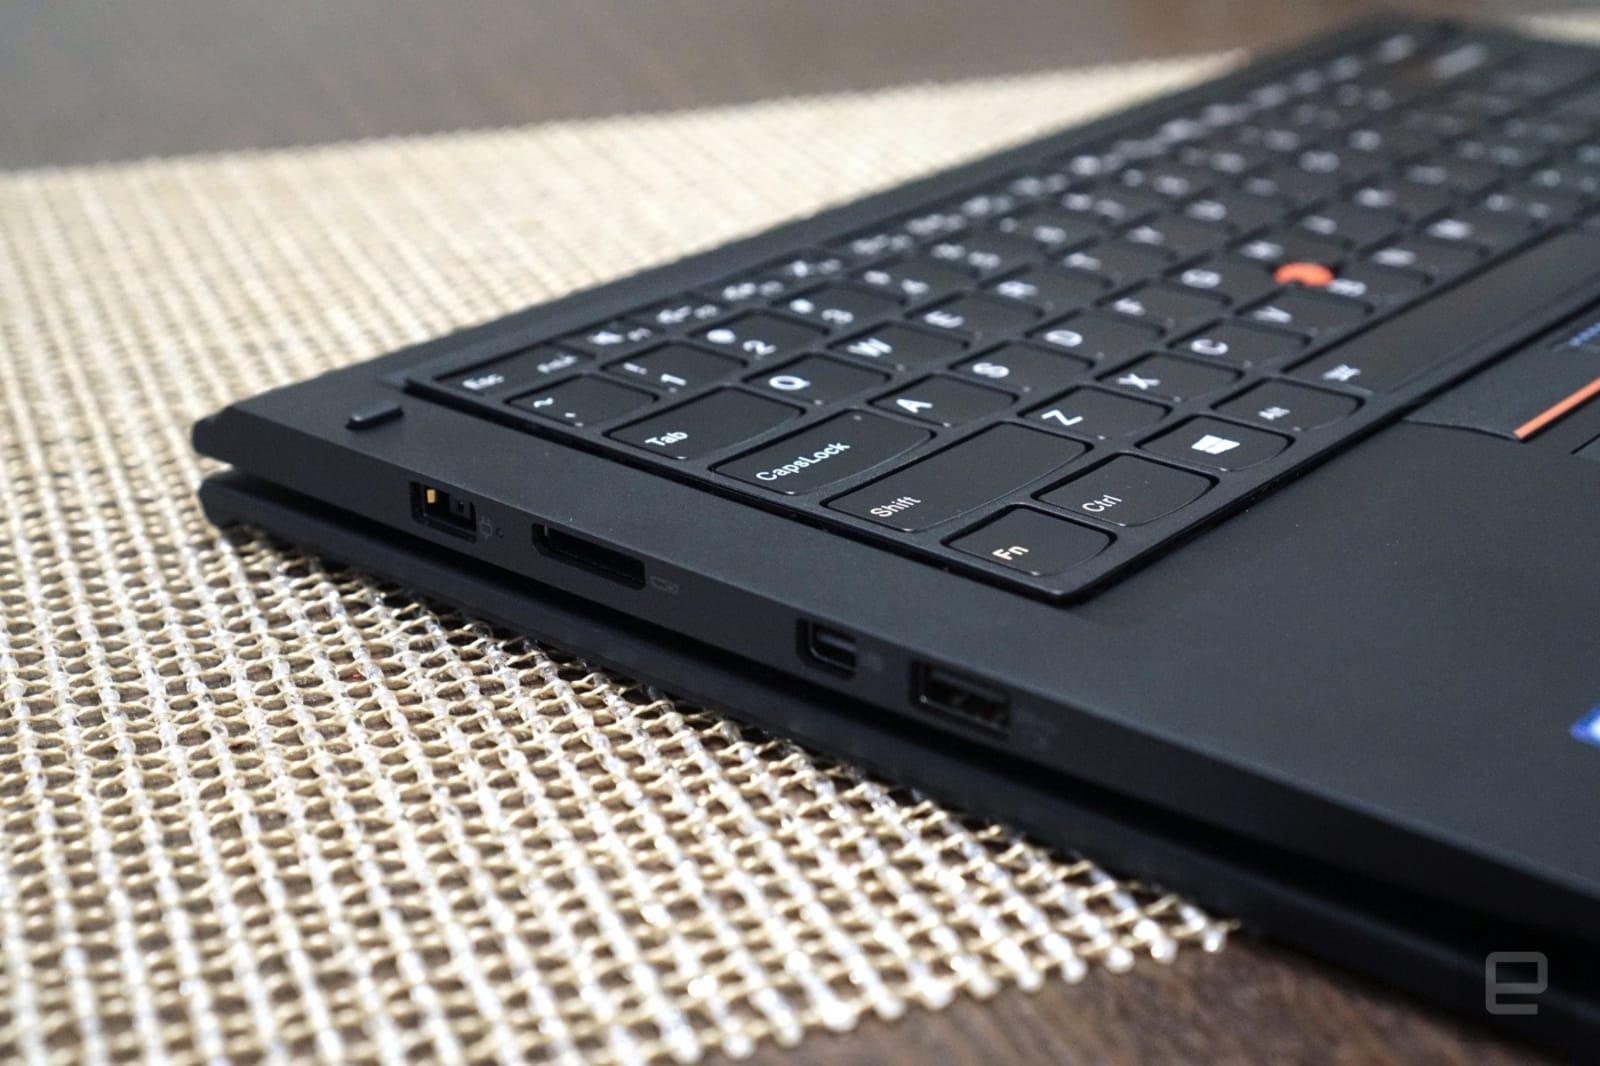 Lenovo's Thinkpad X1 Yoga will make you want OLED everywhere